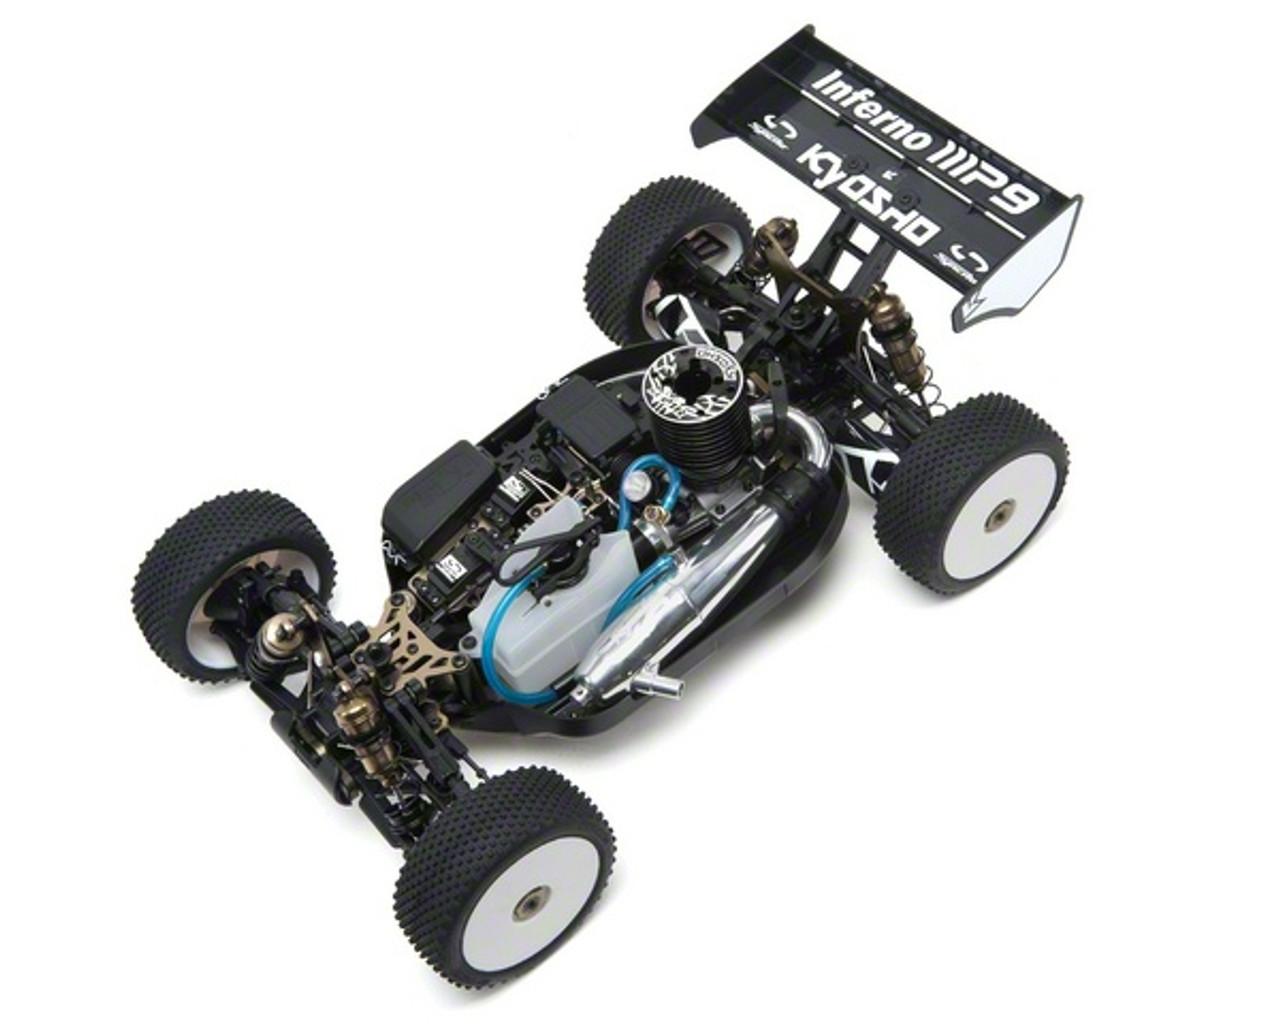 Kyosho 1/8 Inferno MP9 TKI 3 RTR Nitro Race Spec Buggy